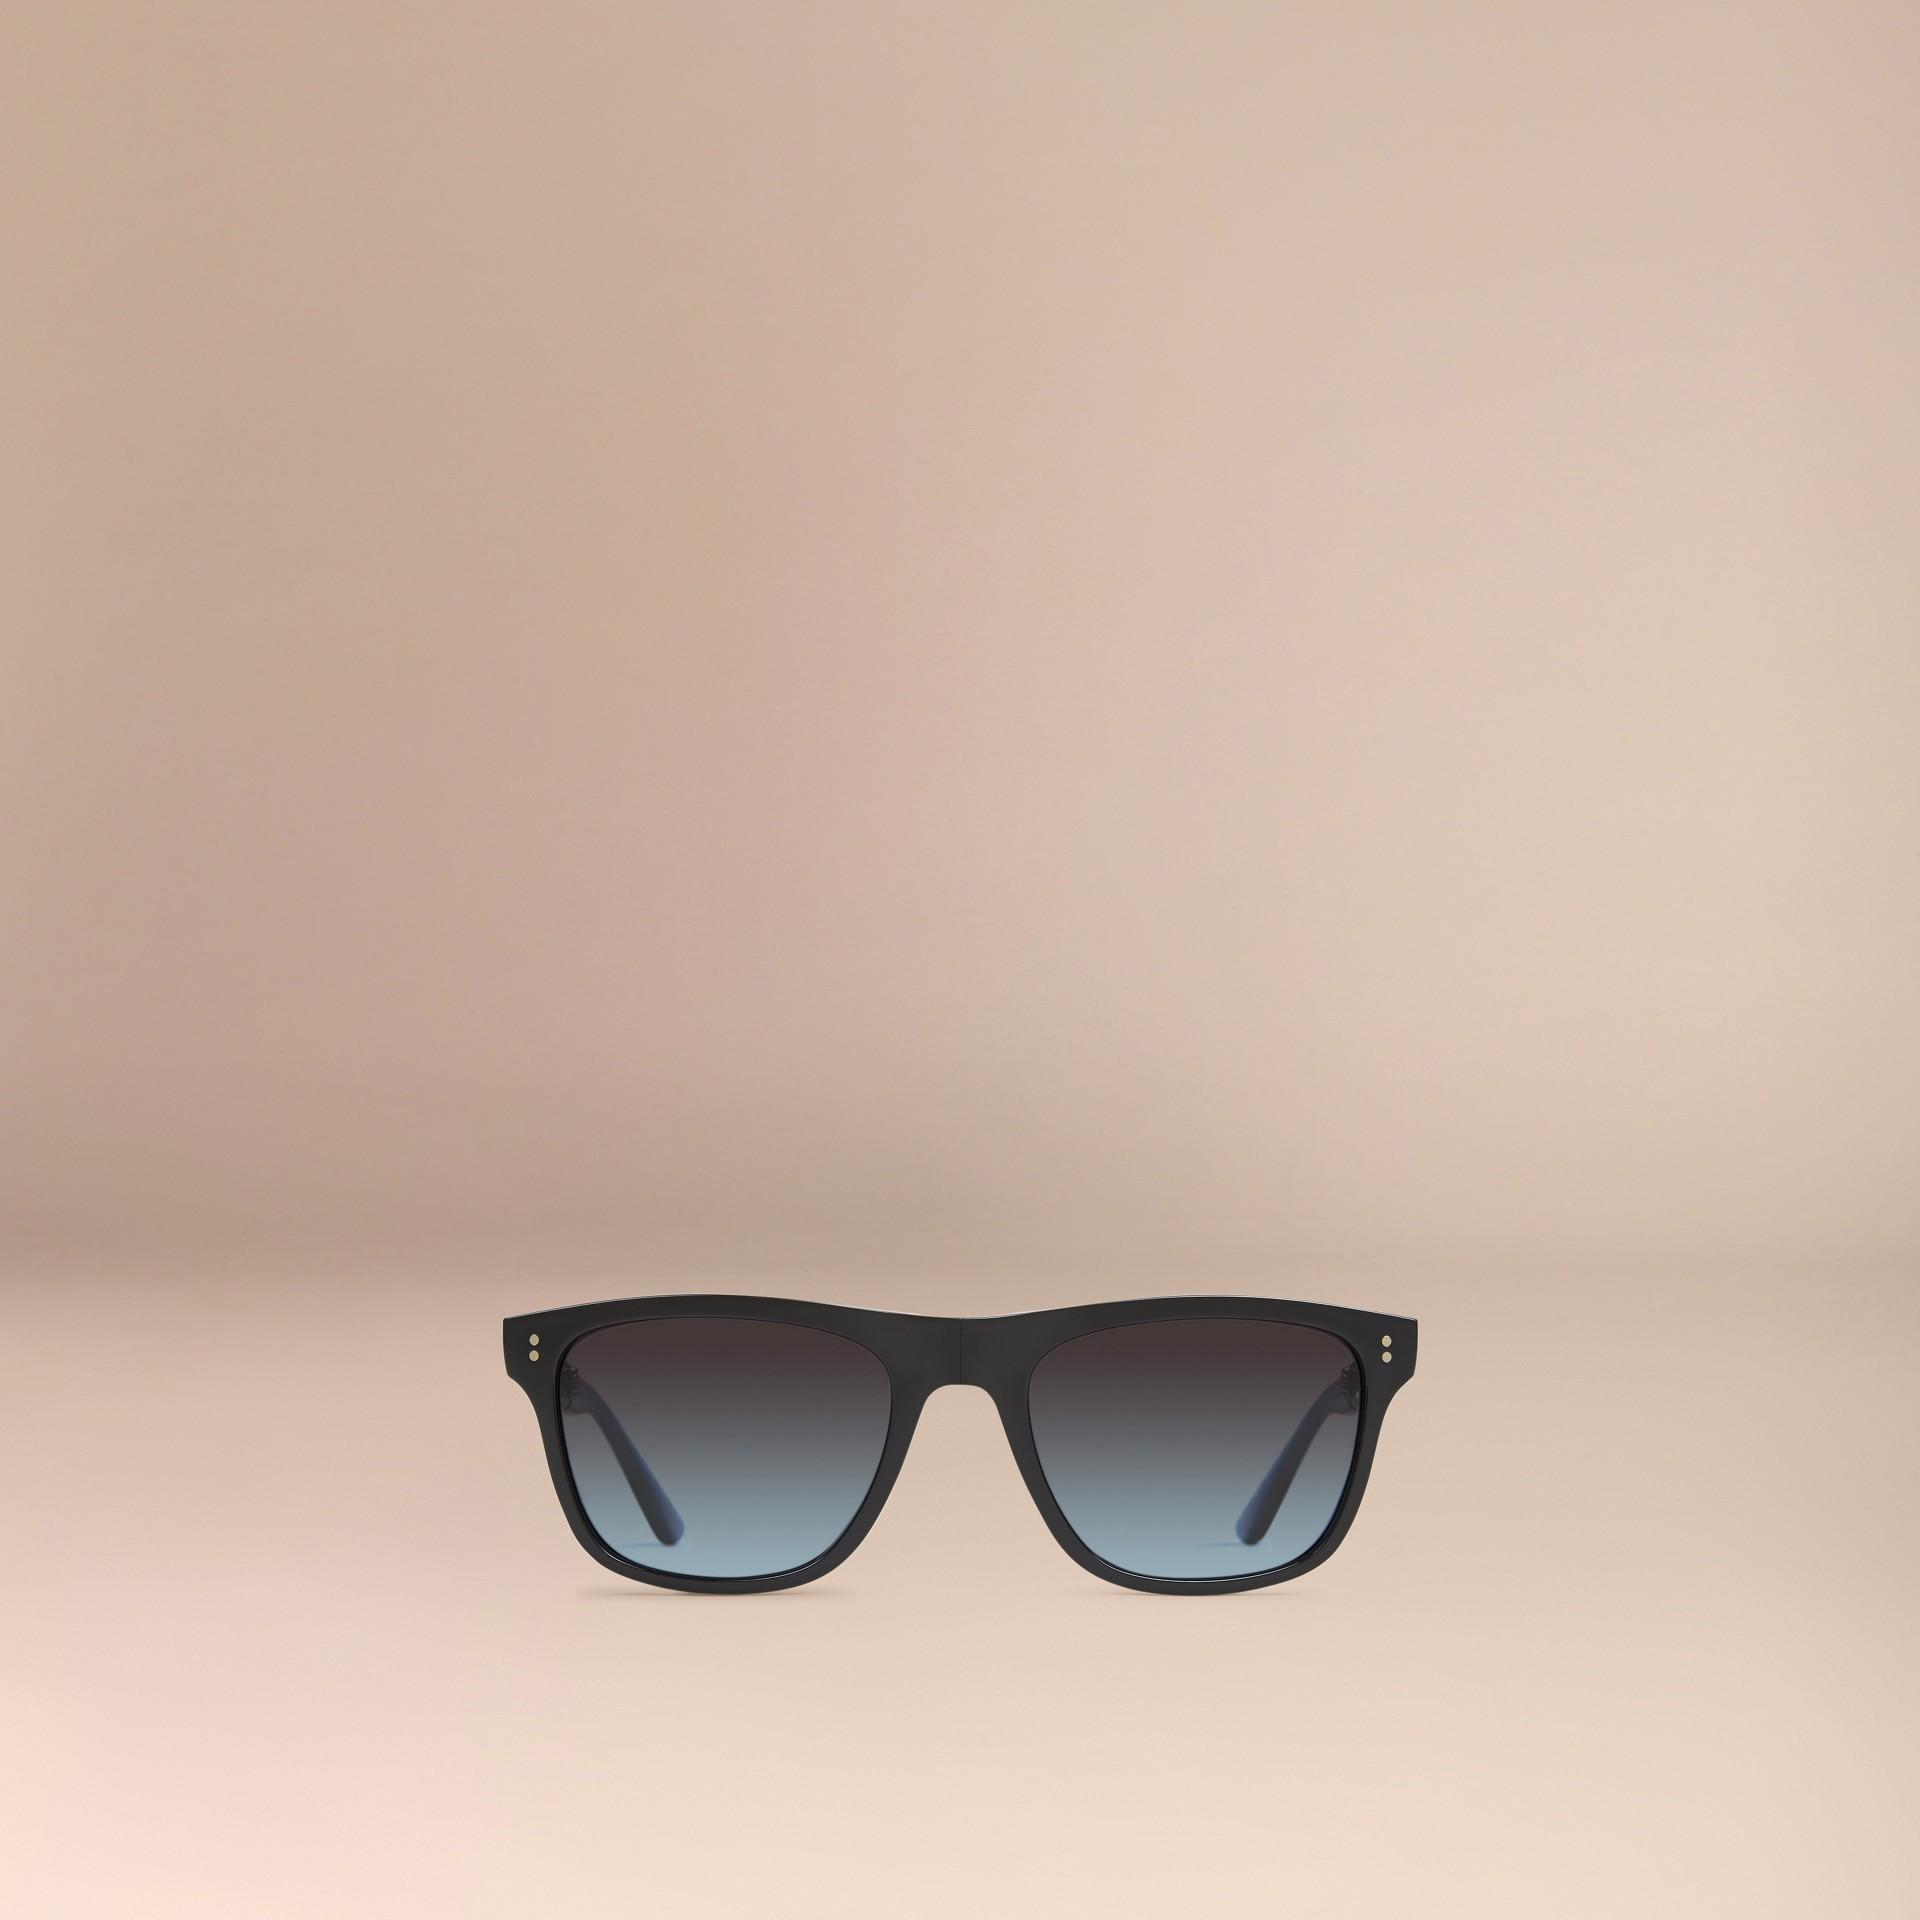 Nero Occhiali da sole con montatura rettangolare pieghevole Nero - immagine della galleria 2